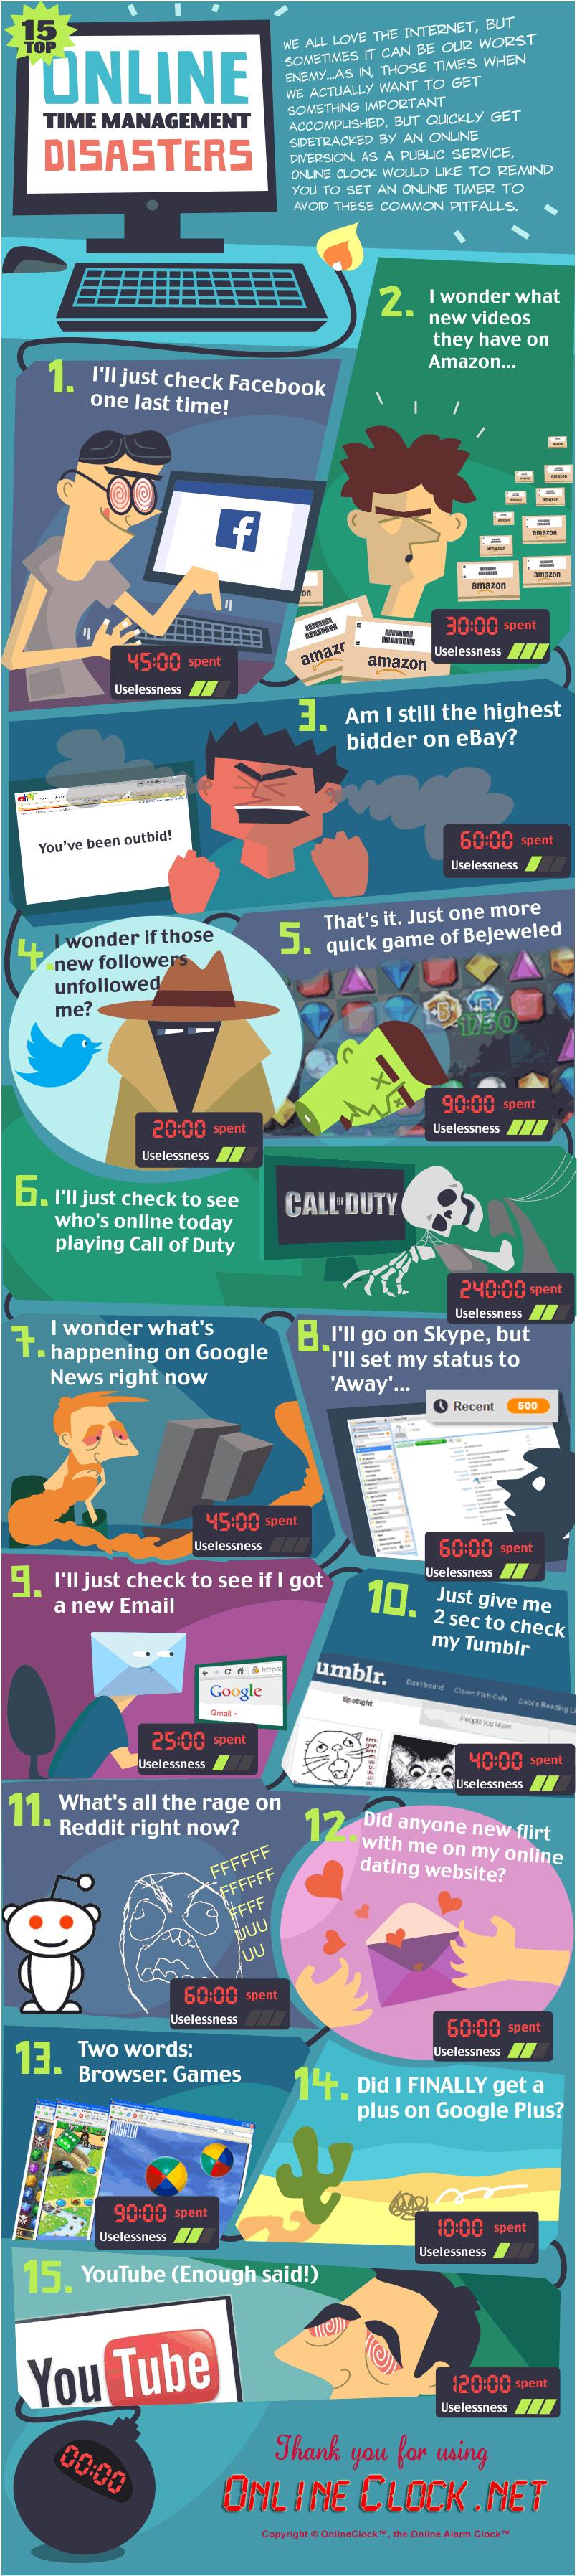 procrastinacion online -big- unpocogeek.com